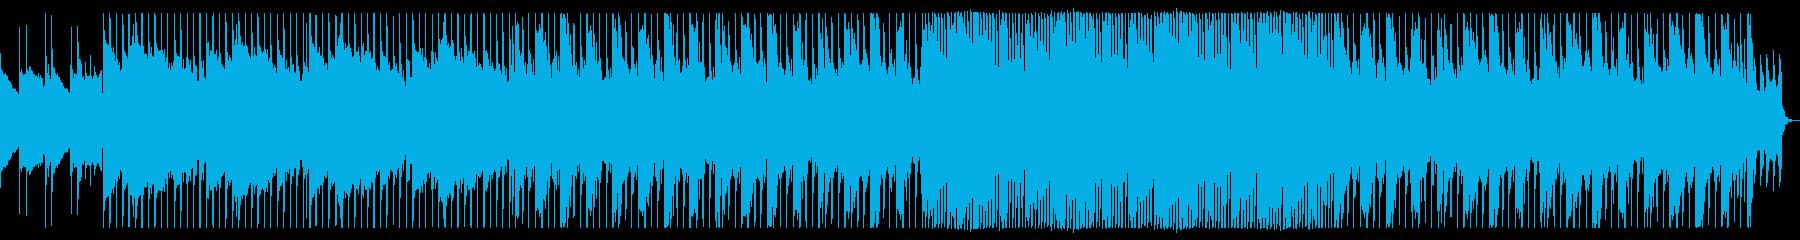 少しコミカルなダンス向けポップの再生済みの波形